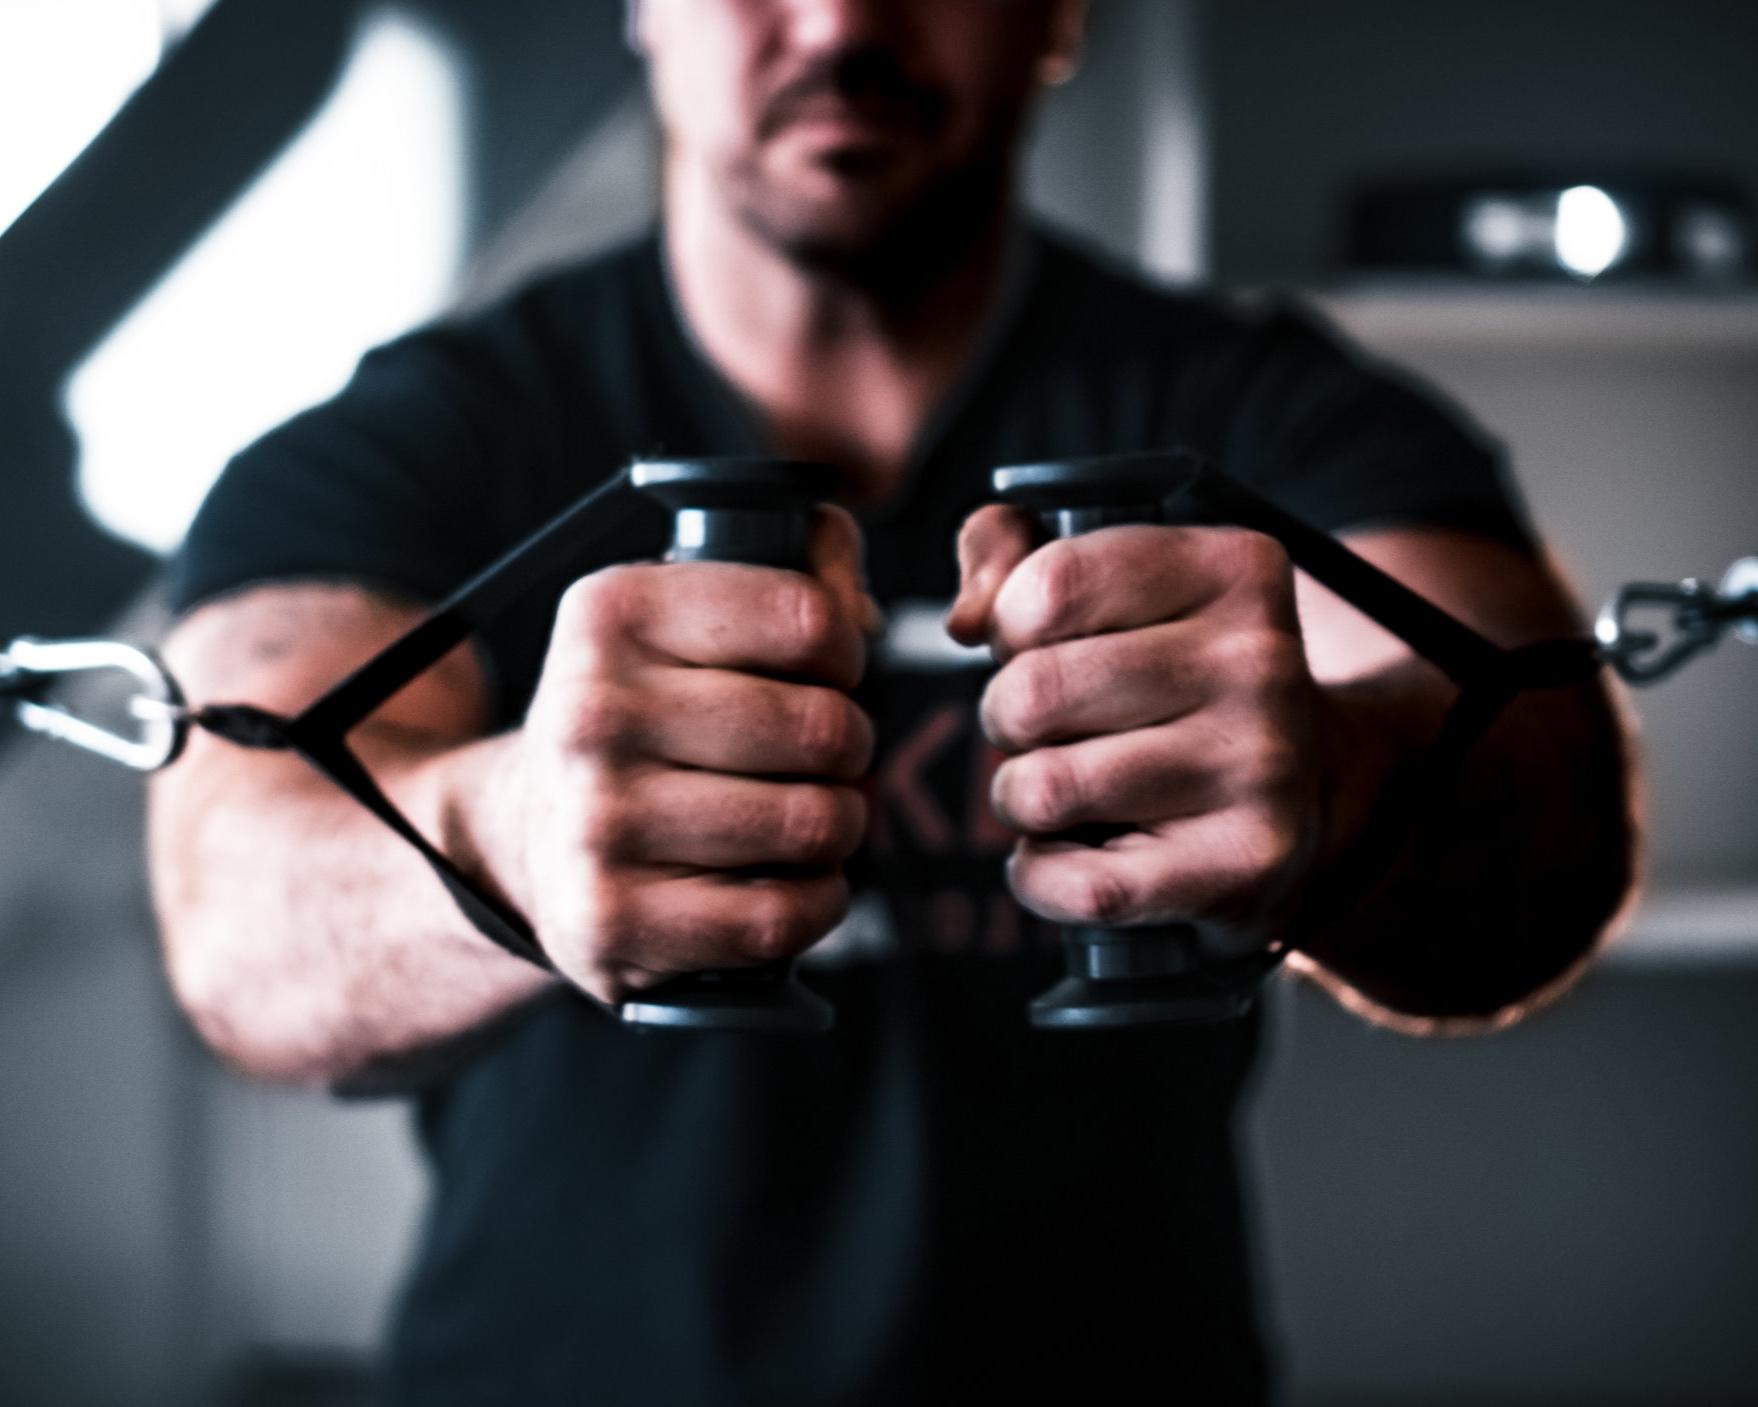 TECHNIEK SESSIE - Wil je werken aan de uitvoering van een oefening of gewoon een keer een losse training ervaren, dan is de technieksessie de juiste keuze.